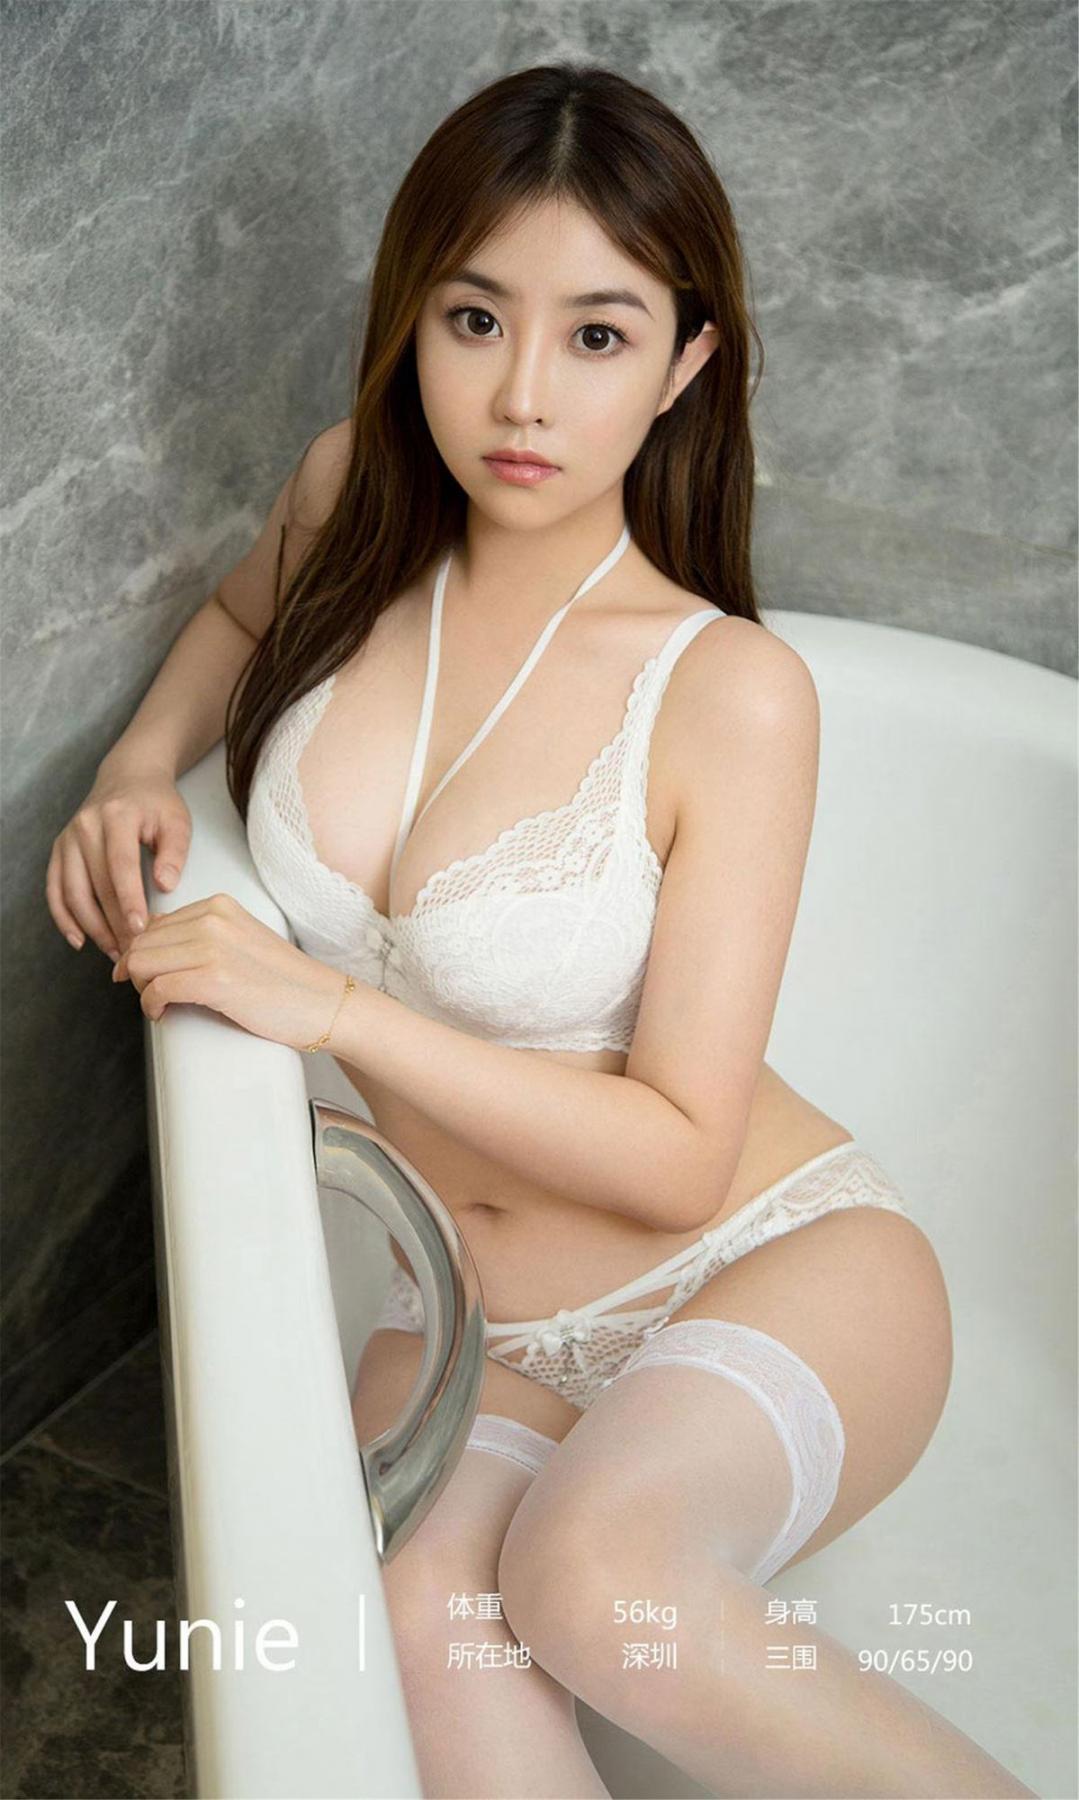 [Ugirls App] Vol.1619 Yunie